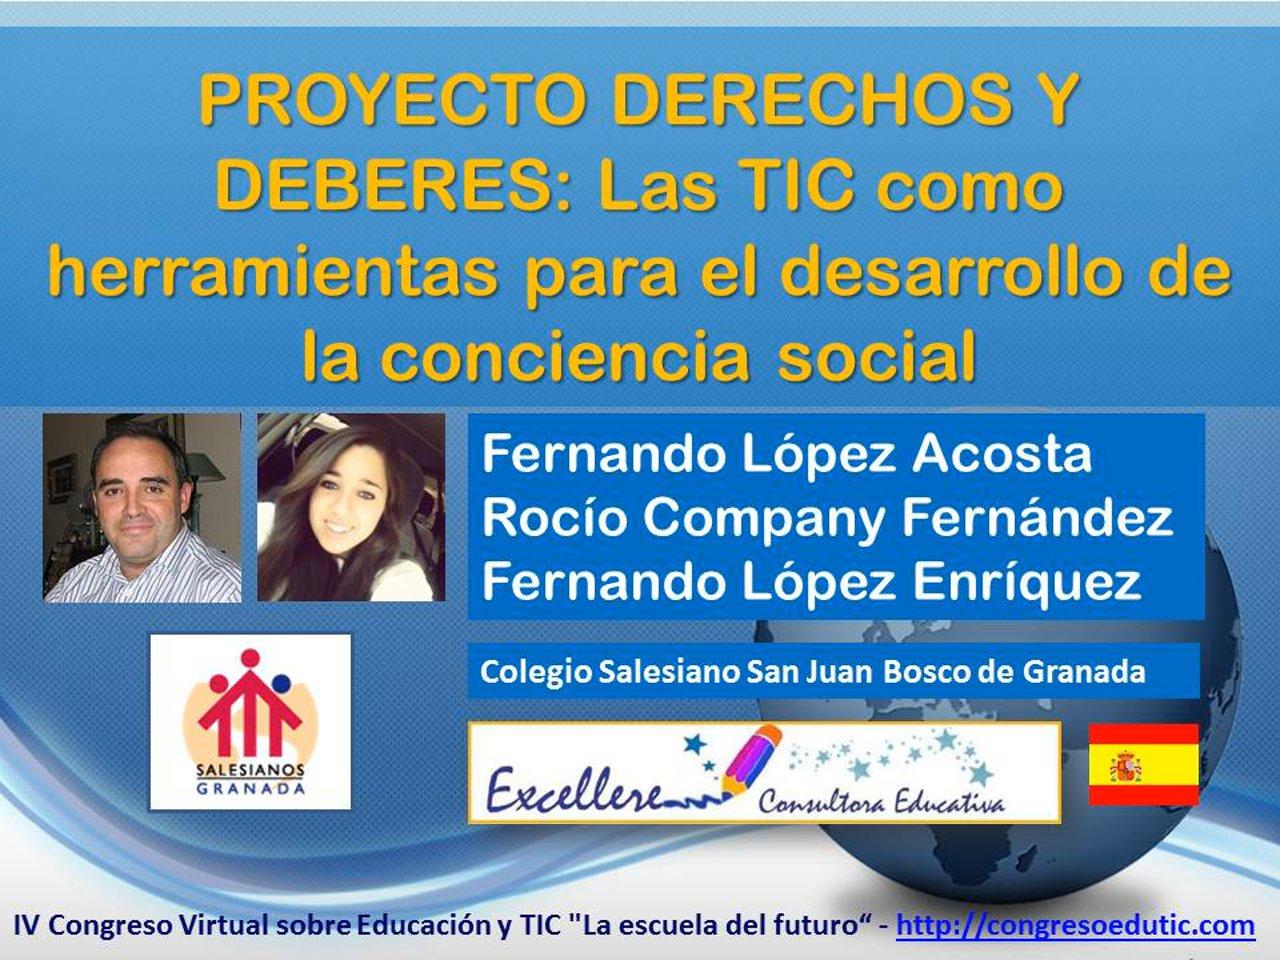 Ponencia PROYECTO DERECHOS Y DEBERES: Las TIC como herramientas para el desarrollo de la conciencia social